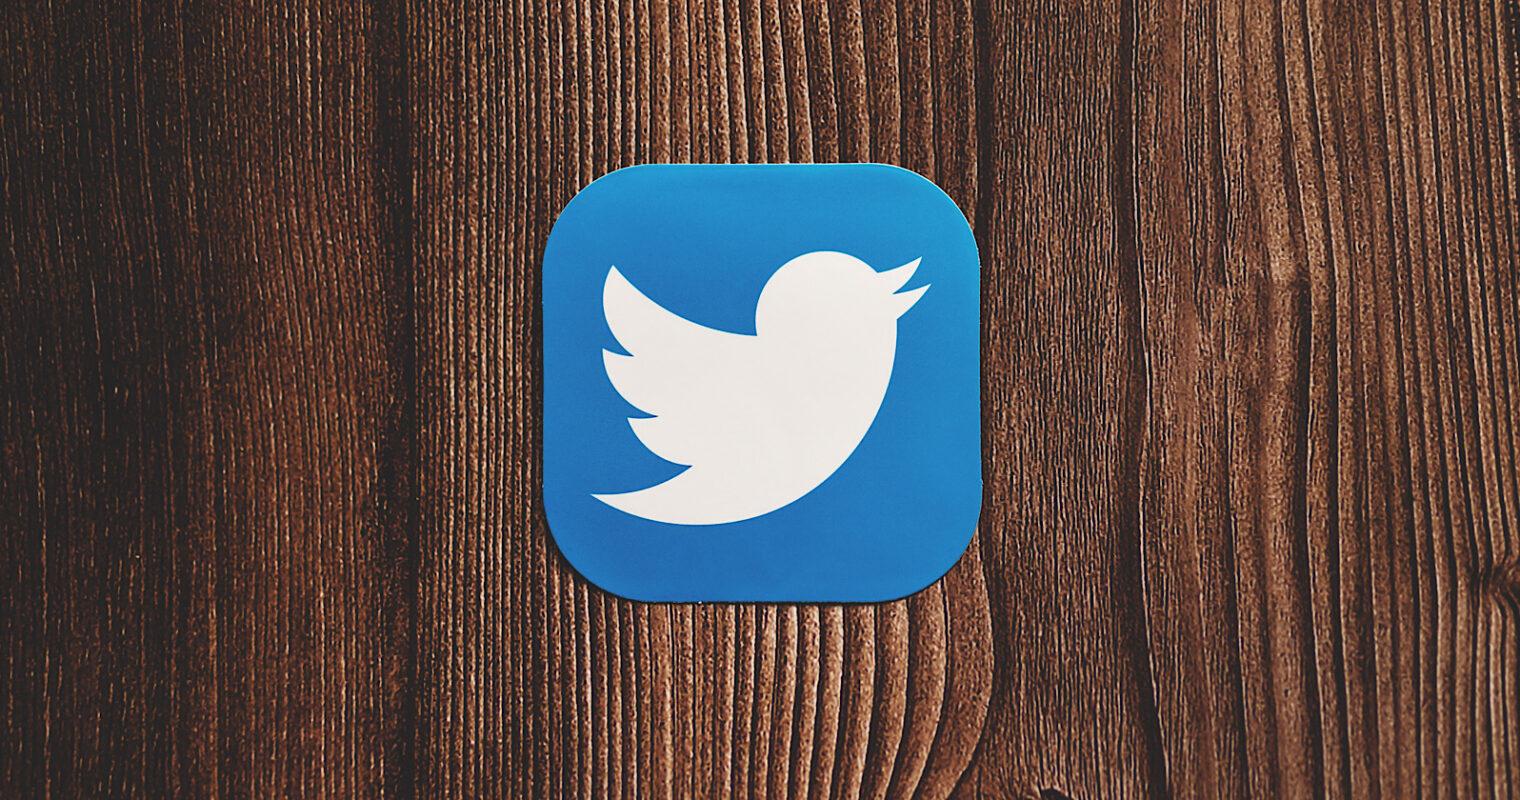 brand logo of Twitter -Marketing strategy of Twitter    IIDE